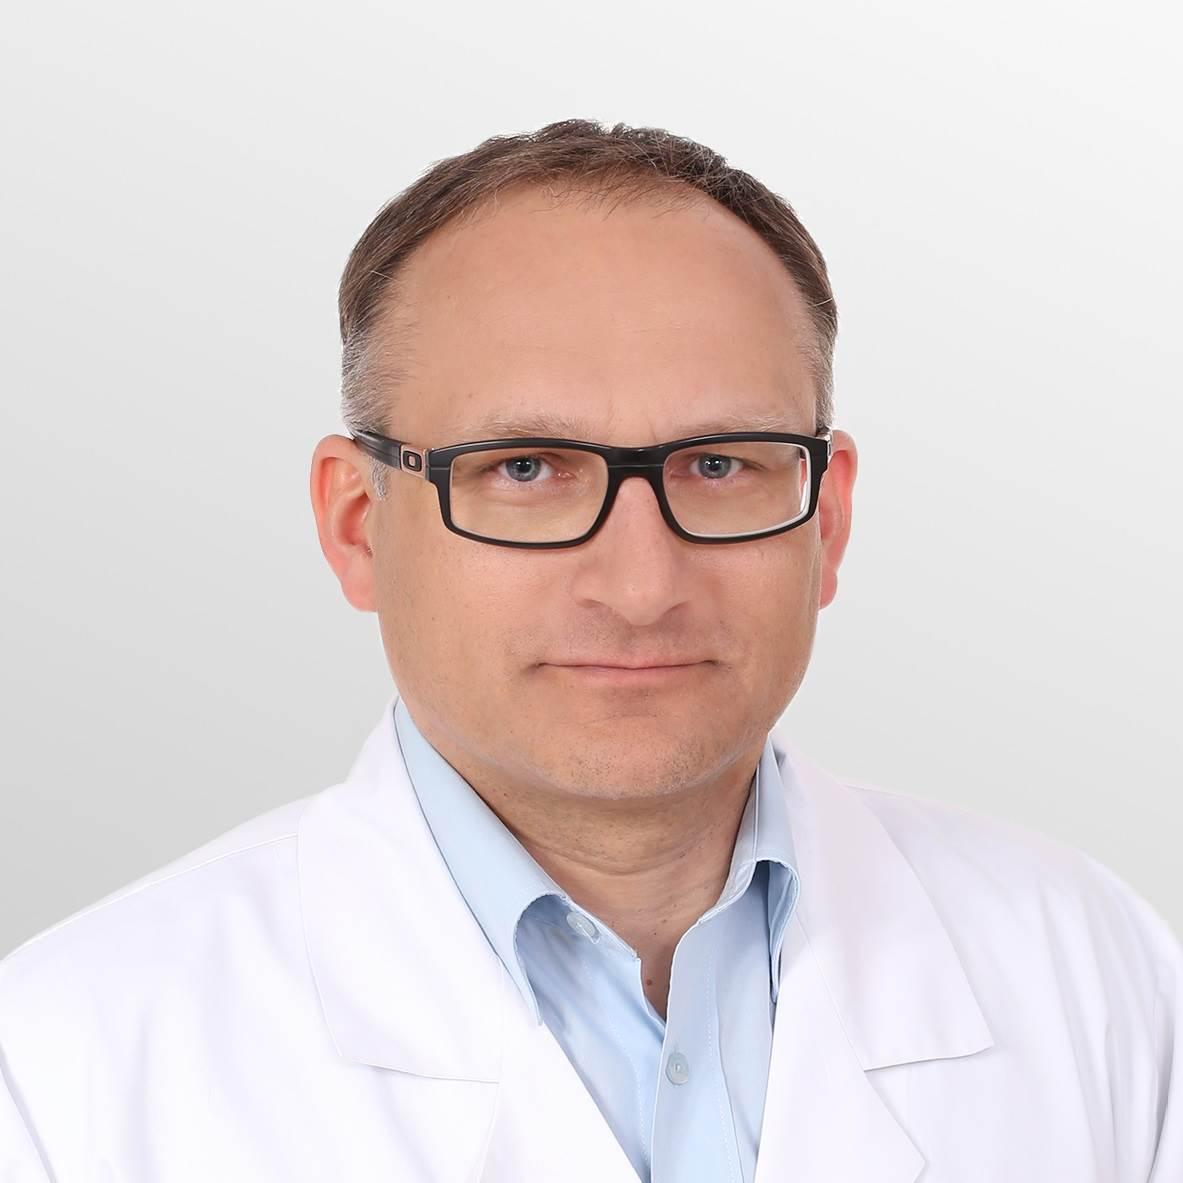 Oculomedica - Dr Zbigniew Małolepszy